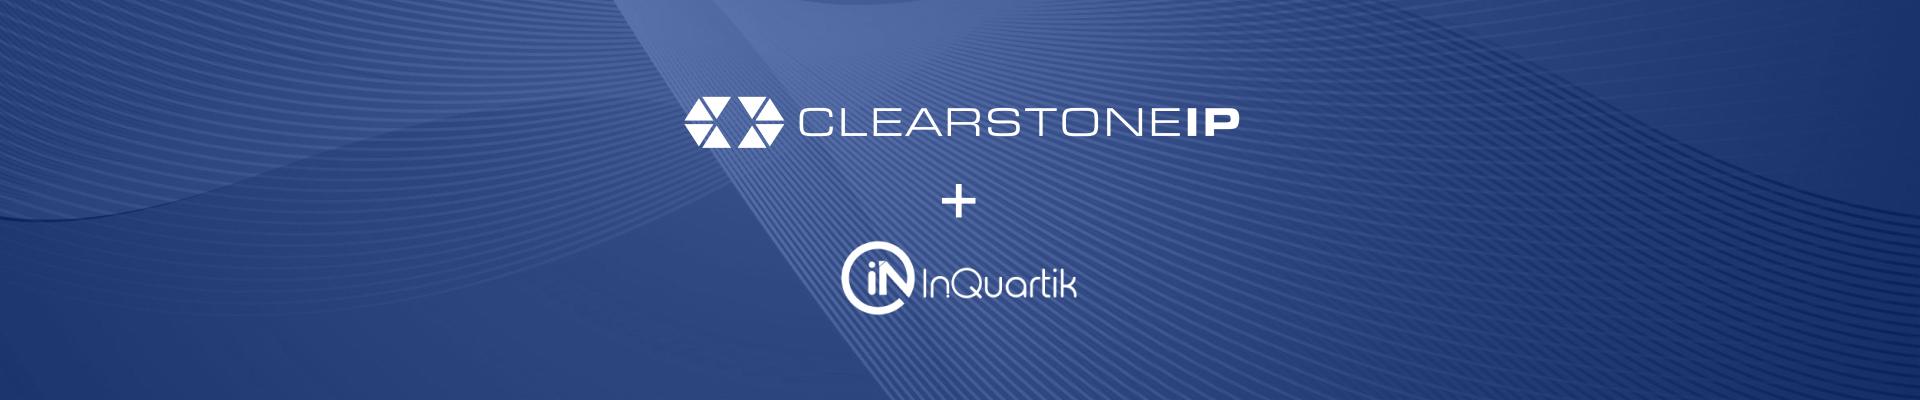 ClearstoneIP 和 InQuartik 的深化合作让 FTO 流程更简单